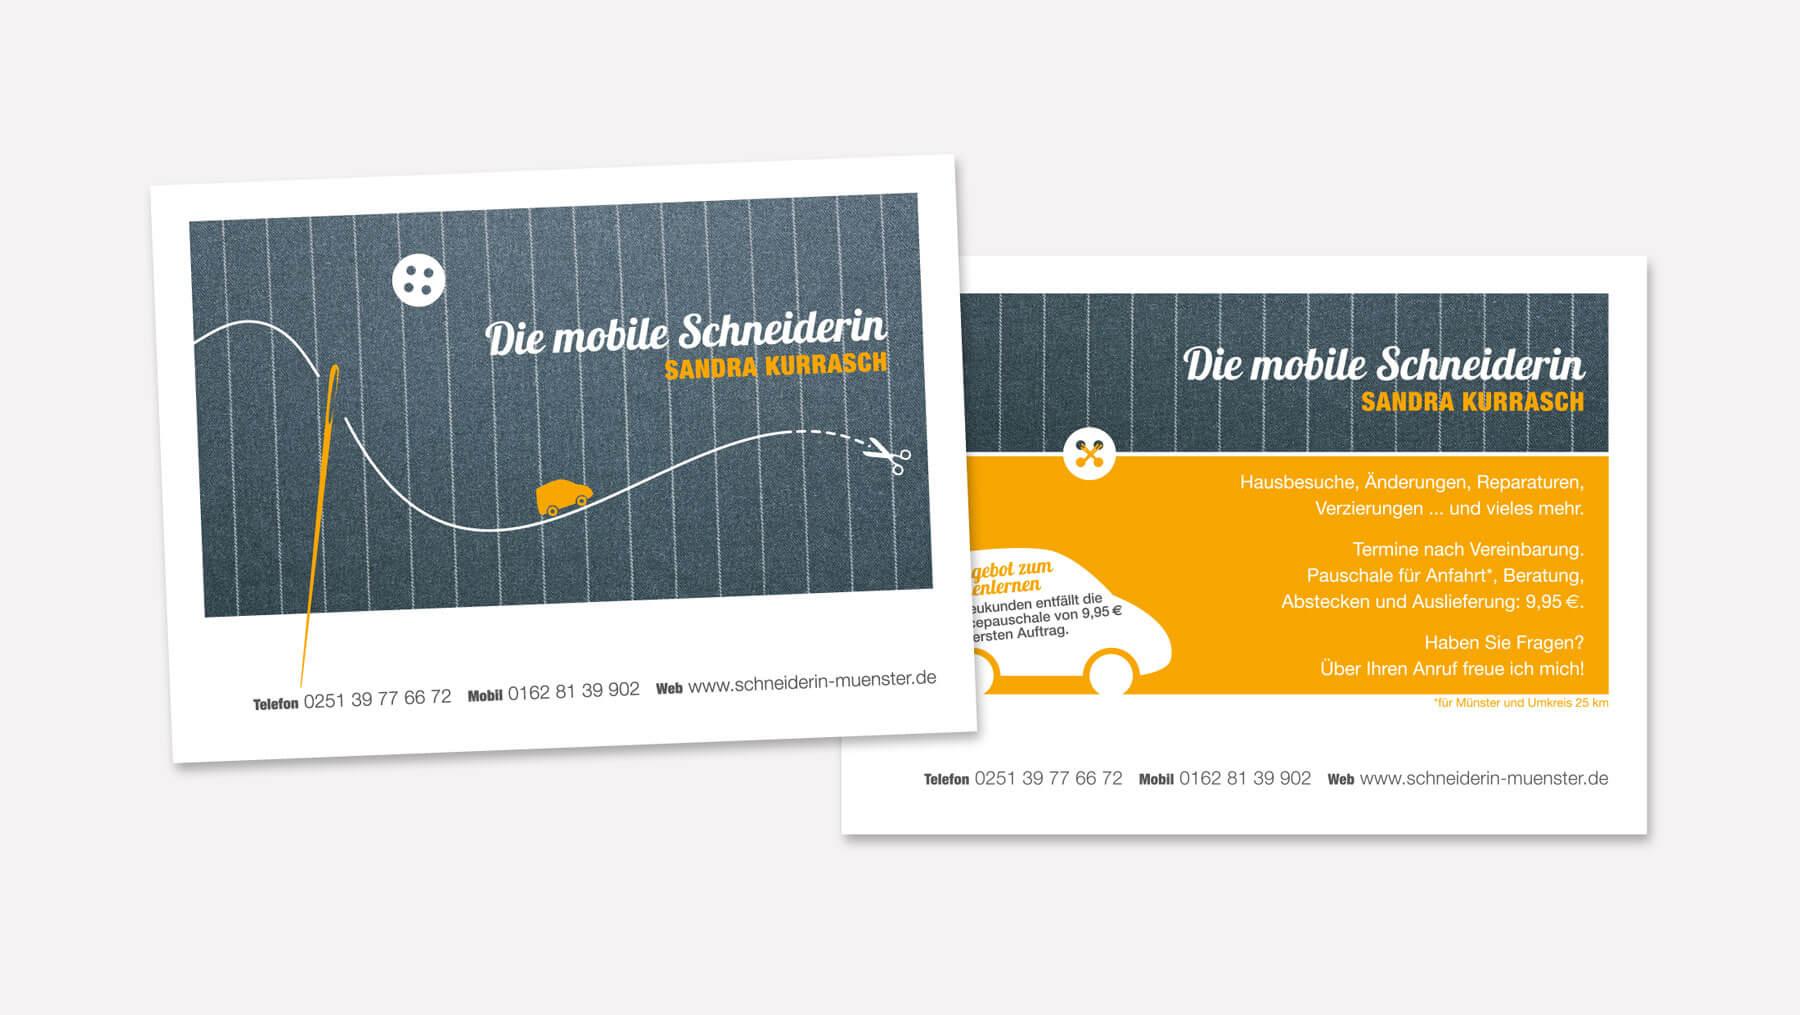 Mobile-Schneiderin-Flyer-Werbung-Postkarte